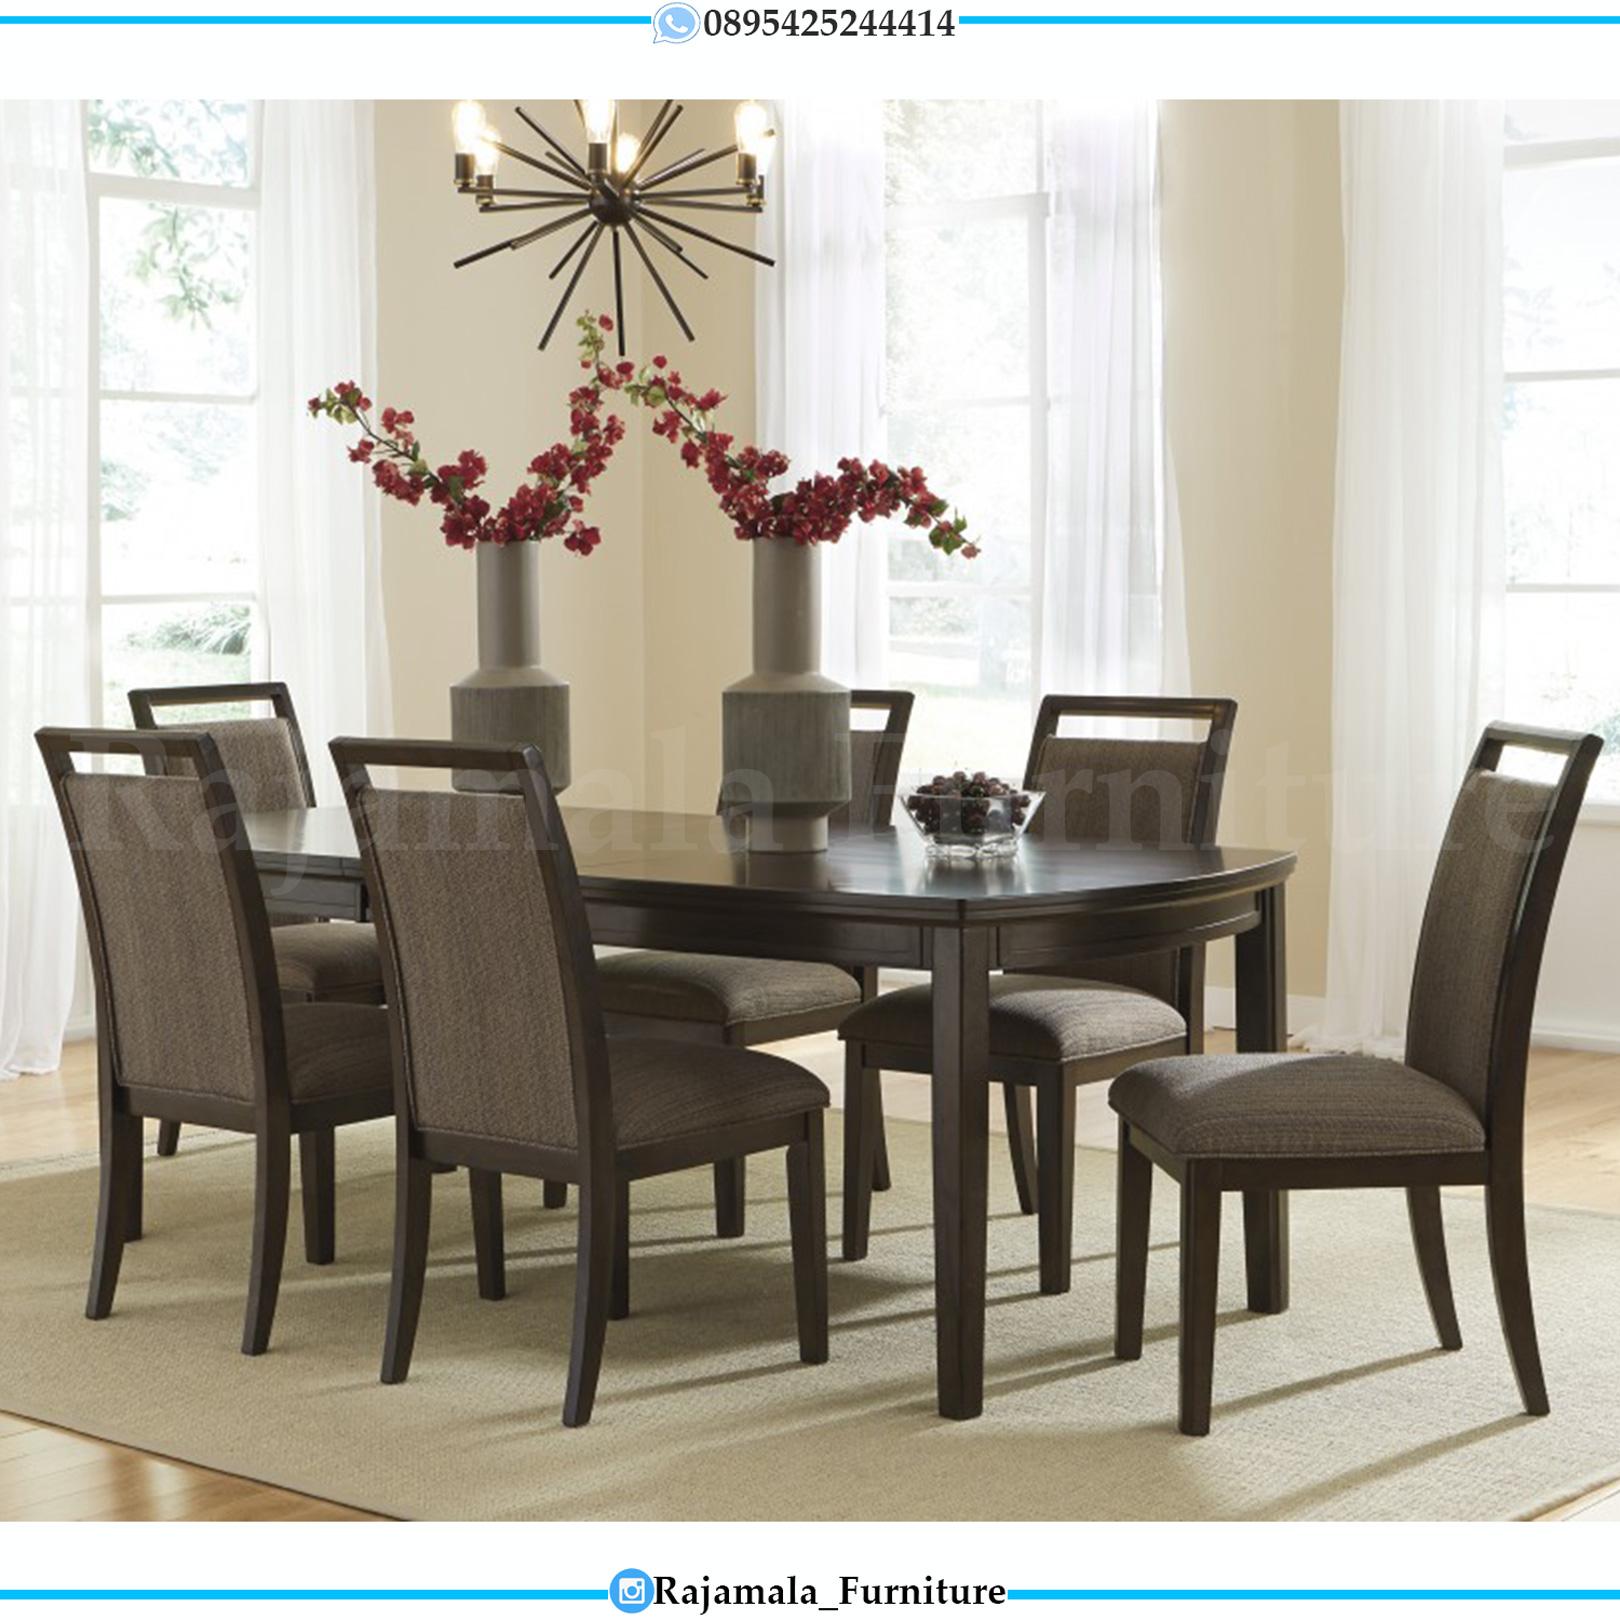 Harga Meja Makan Minimalis Jepara High Quality Item Furniture Jepara RM-0063